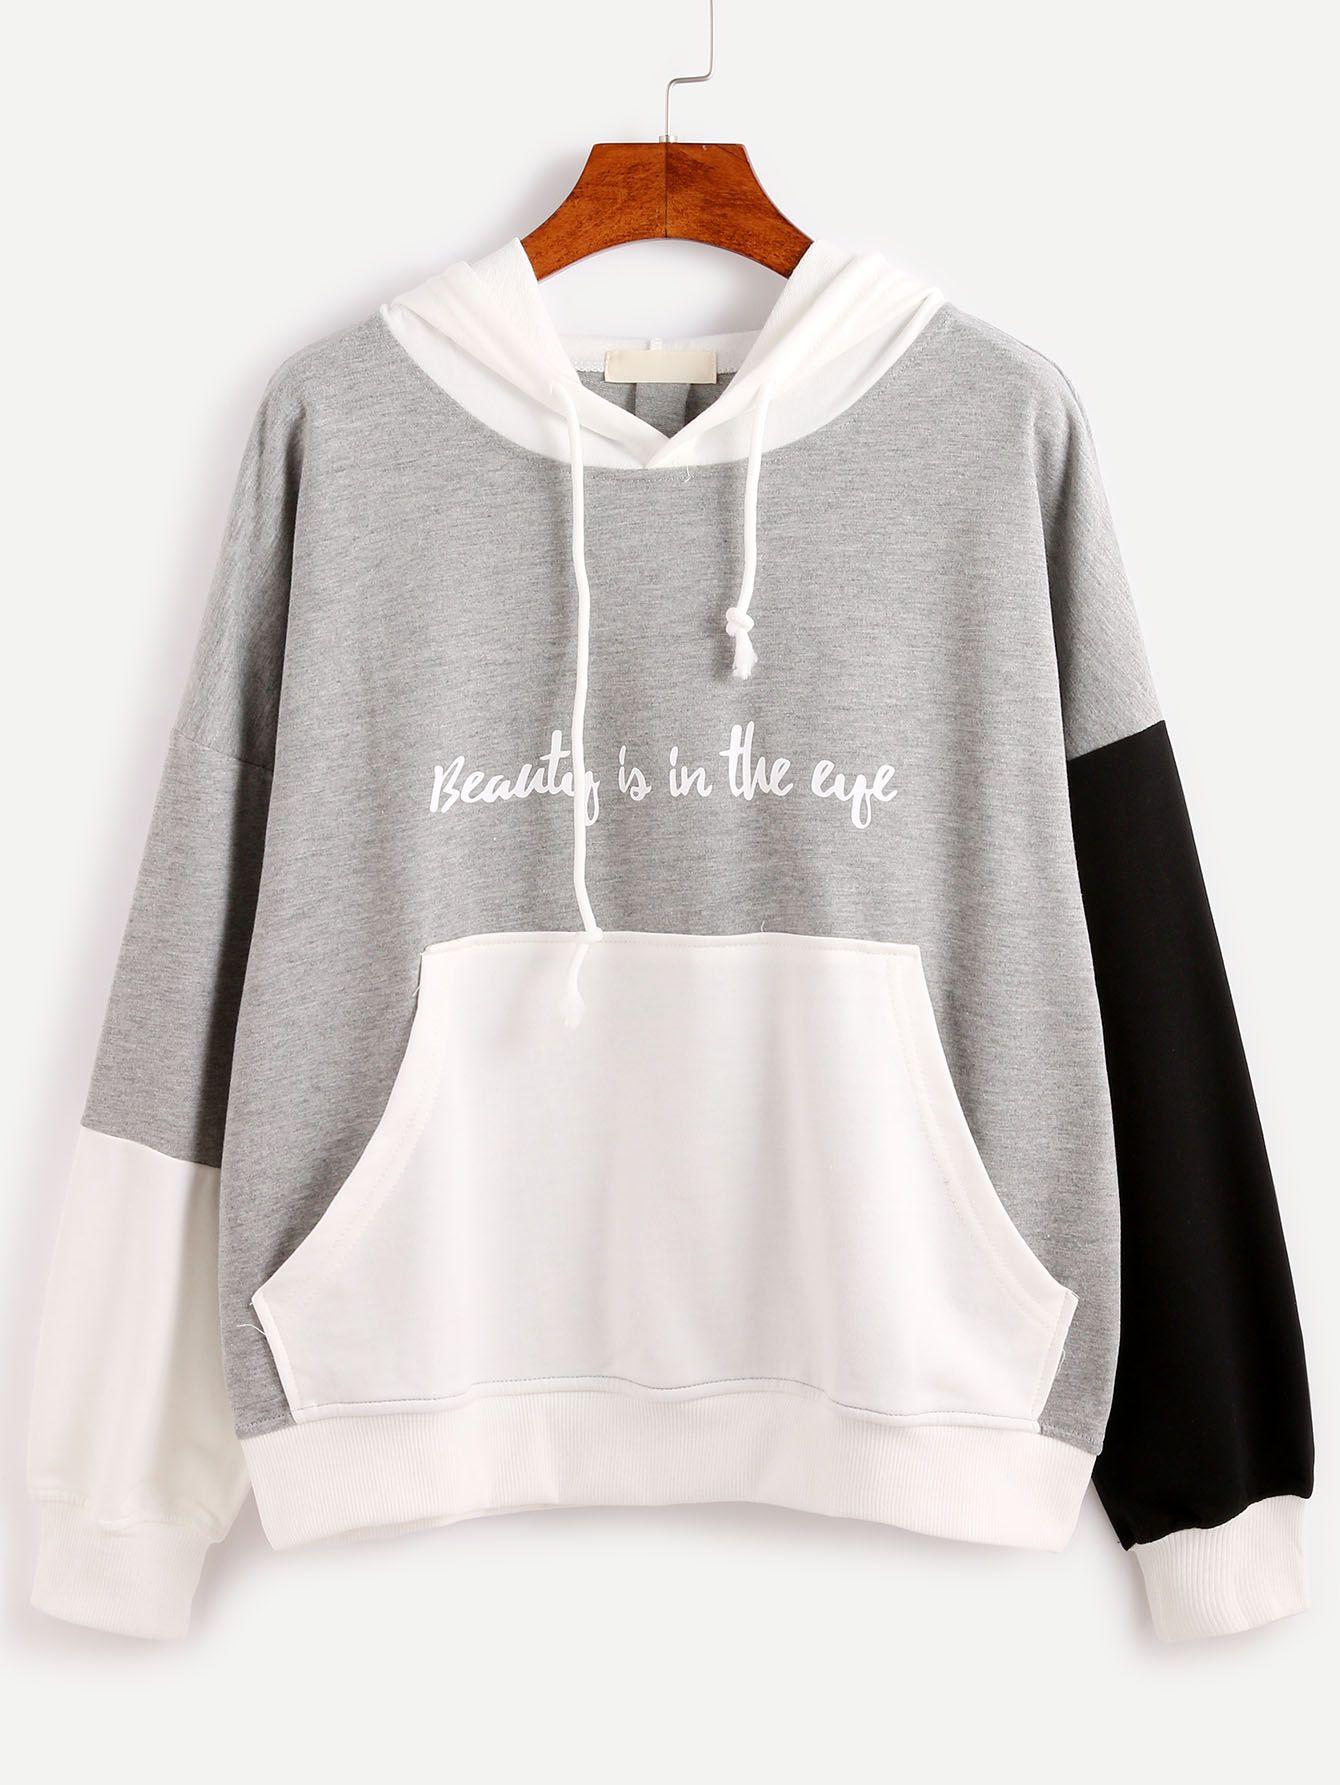 1477013667437690599 Jpg 1340 1785 Patterned Hoodies Printed Hooded Sweatshirt Sweatshirts [ 1785 x 1340 Pixel ]